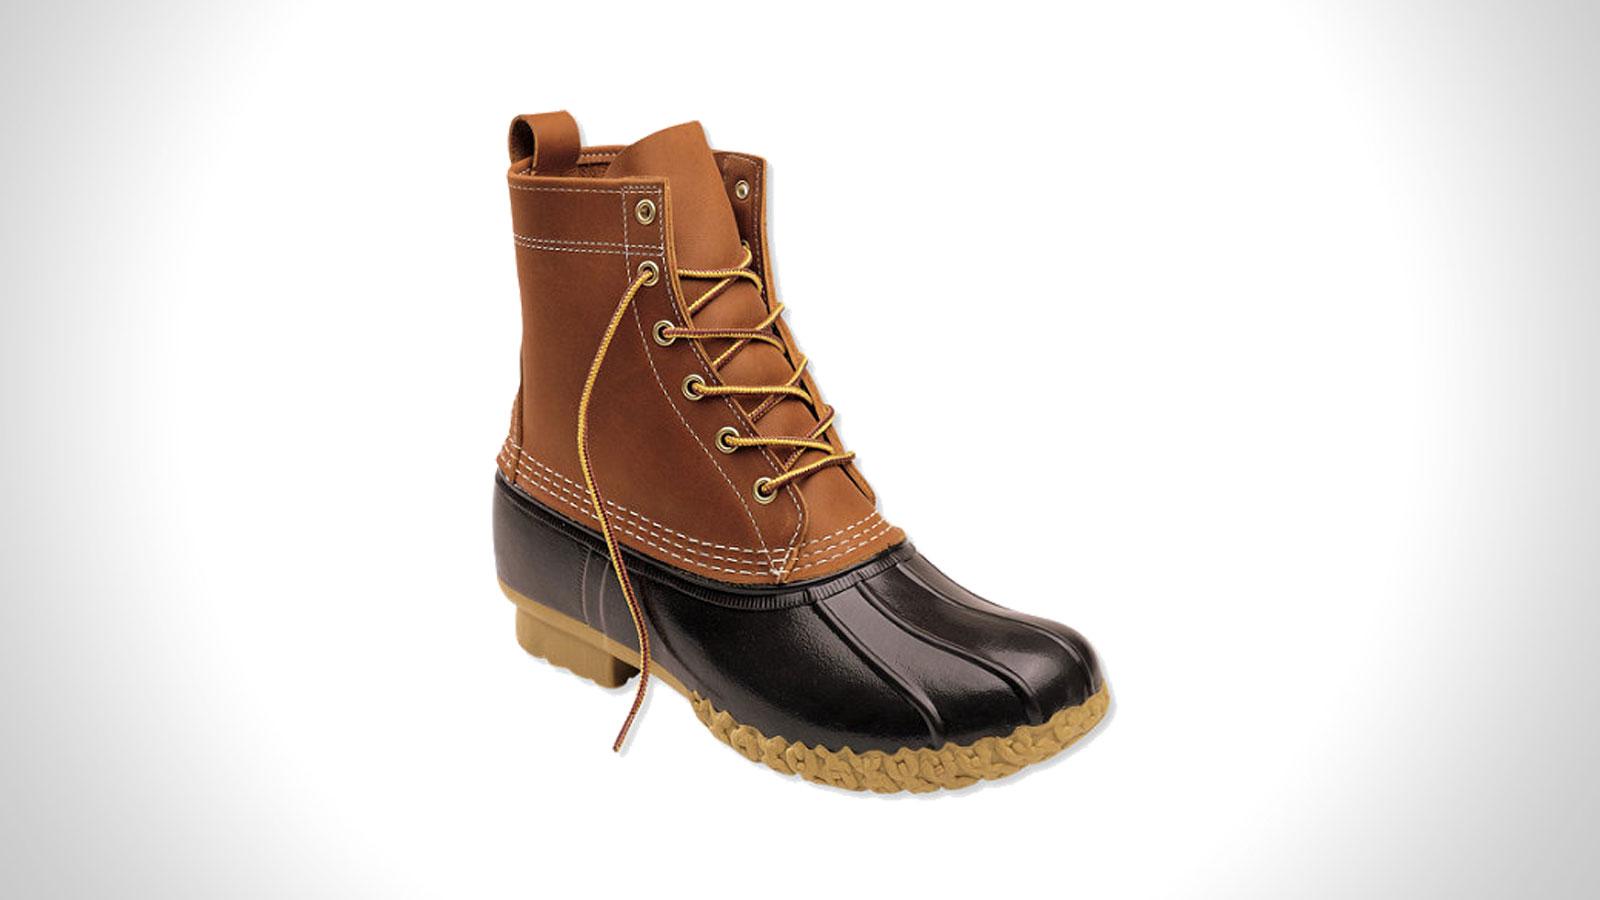 L.L. Bean Bean Boot Duck Boot   the best men's waterproof boots